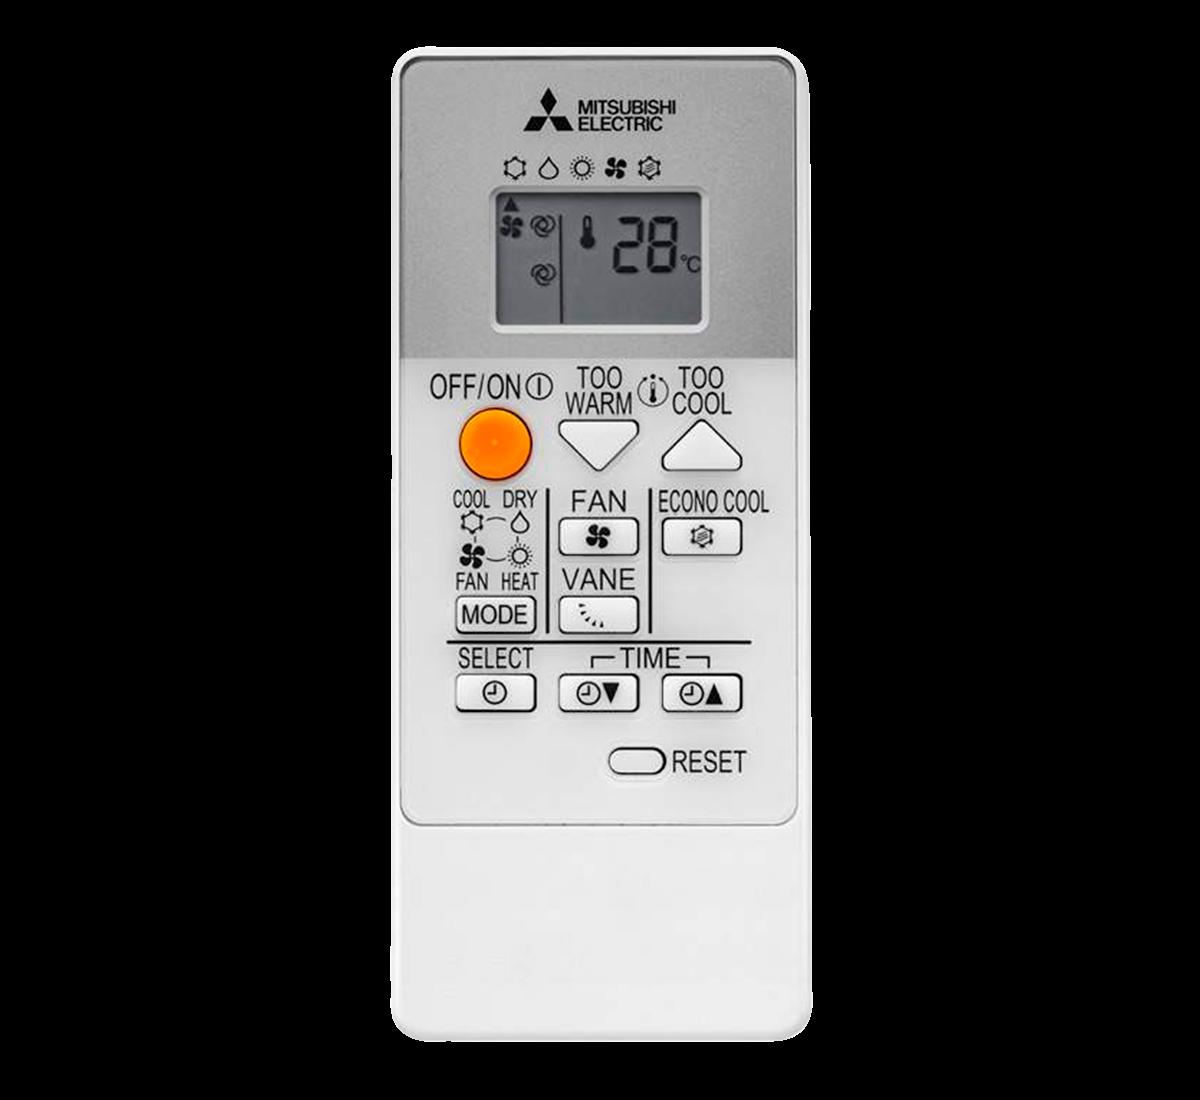 aire acondicionado conjunto split mitsubishi electric inverter mando a diastanacia serie msz hr modelo msz hr25vf precio incluido en la instalacion caseragua